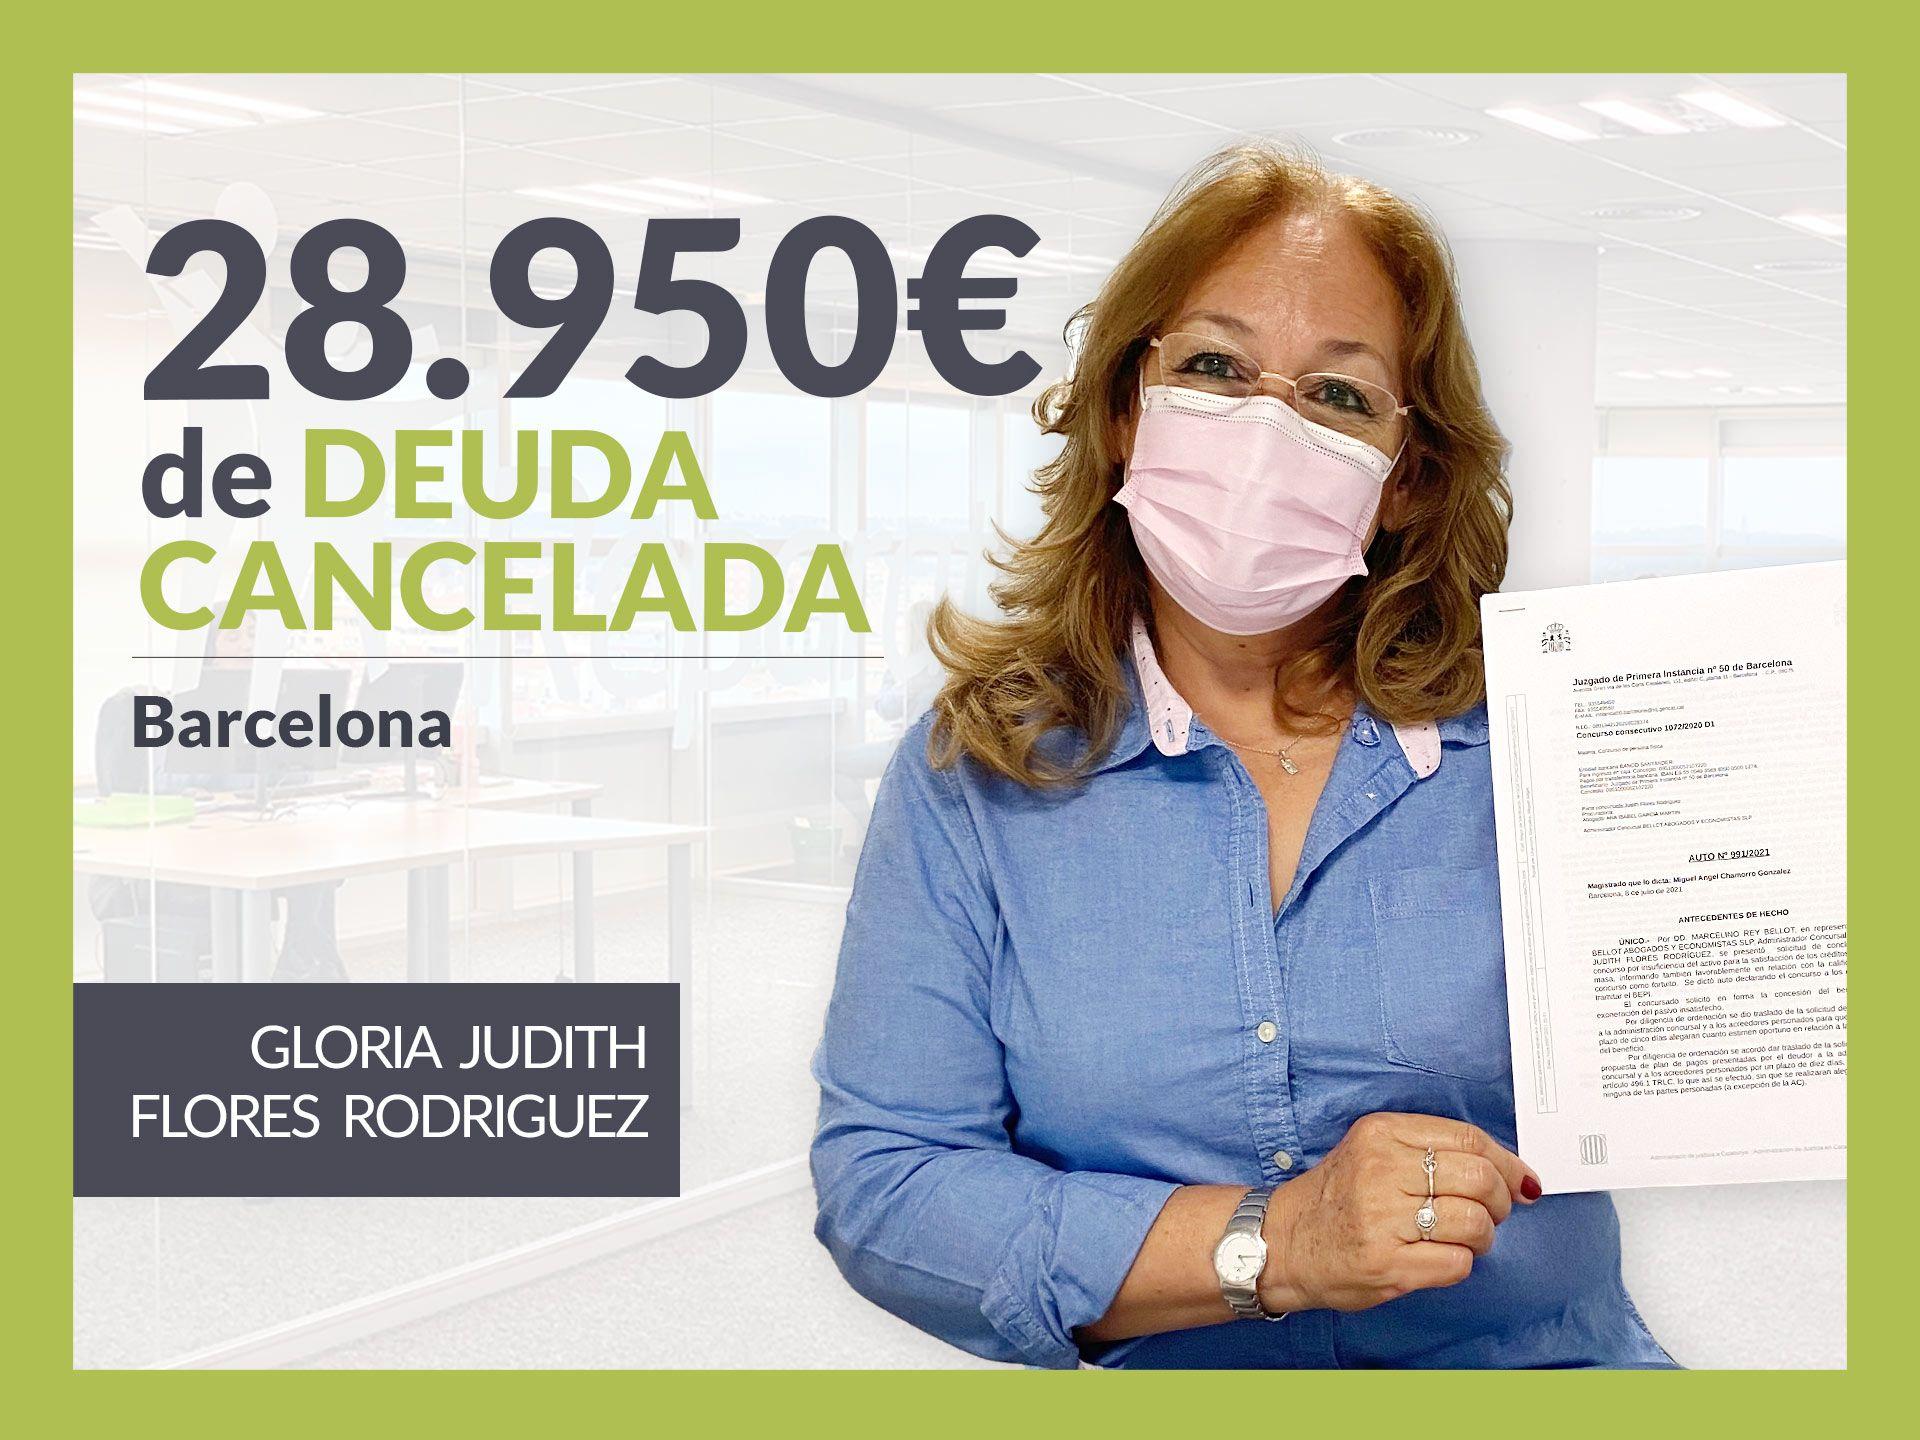 Repara tu Deuda Abogados cancela 28.950 ? en Barcelona (Catalunya) con la Ley de Segunda Oportunidad